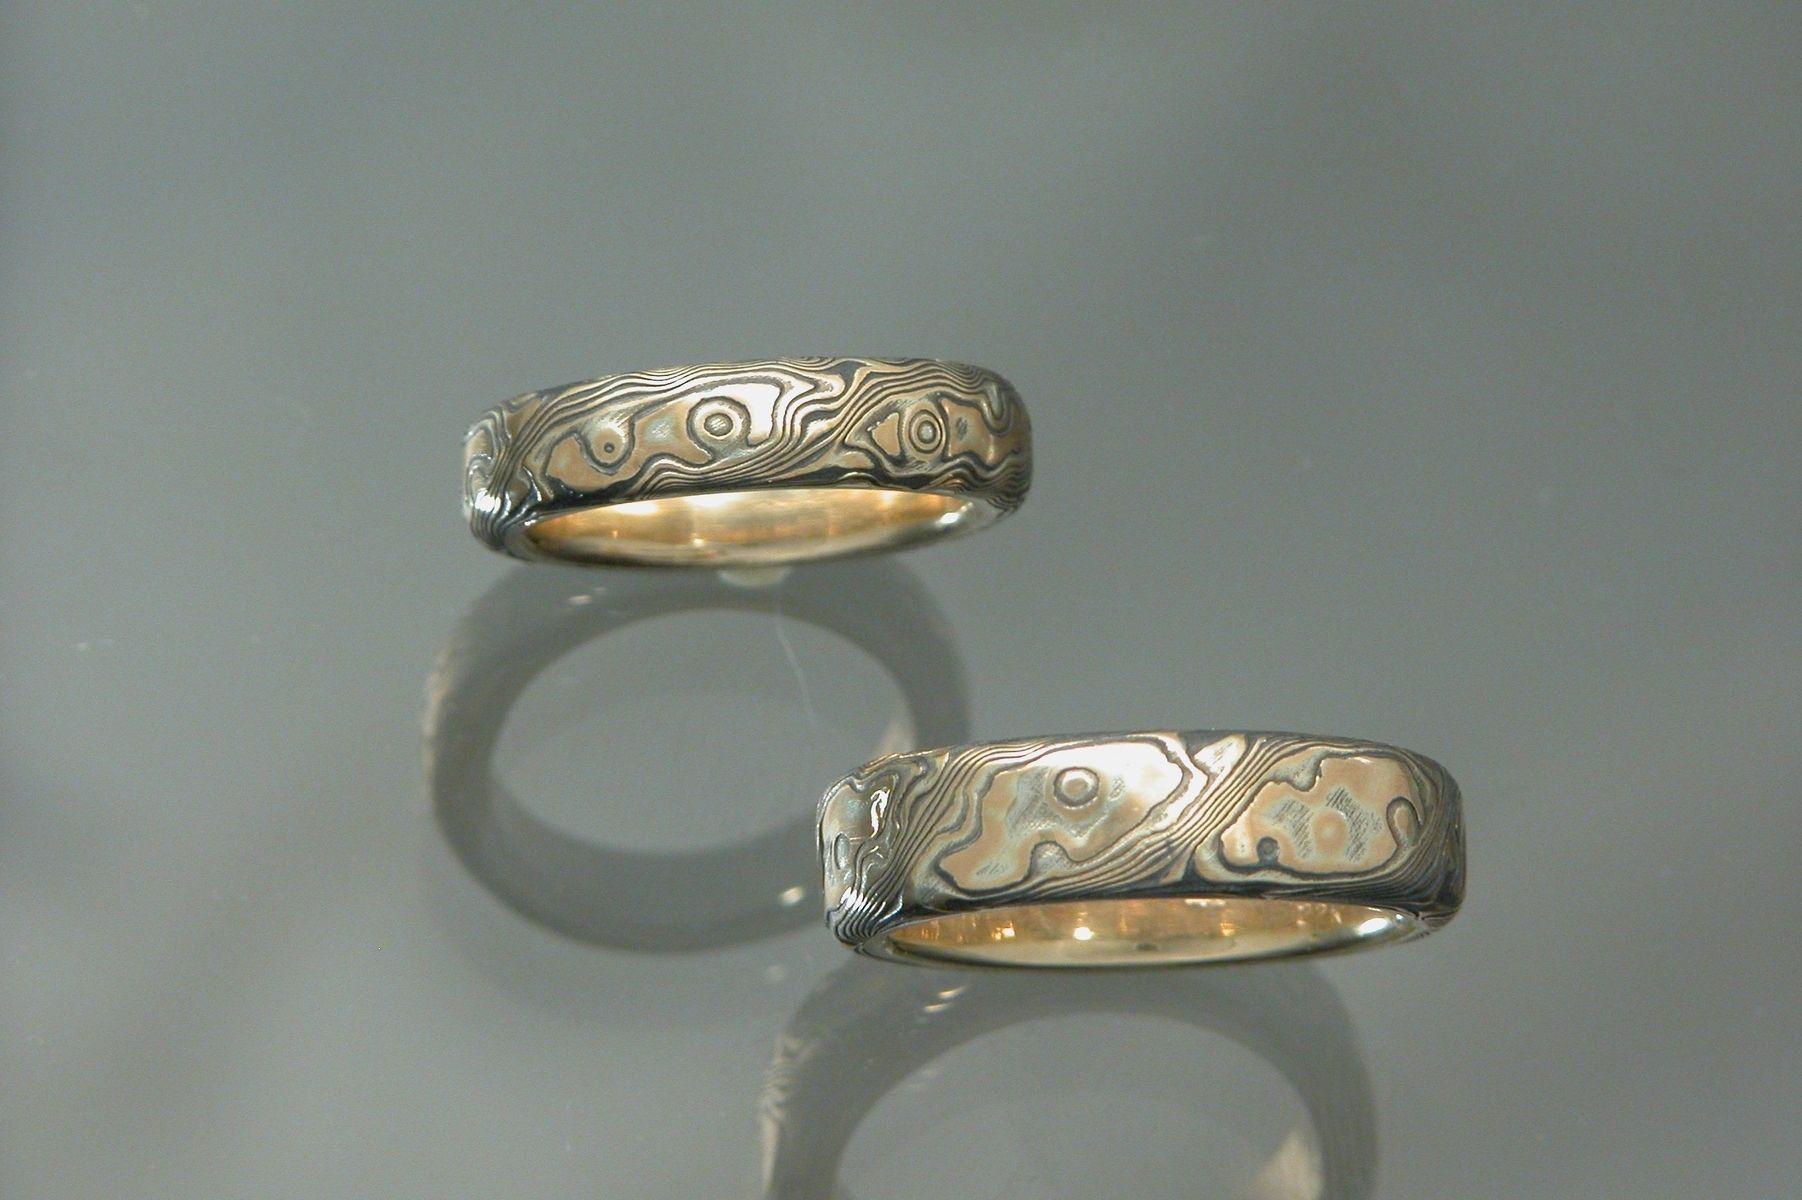 mokume gane wedding rings mokume gane wedding bands Mokume gane wedding rings 18k Yellow Gold With Sterling Silver Mokume Gane Wedding Bands